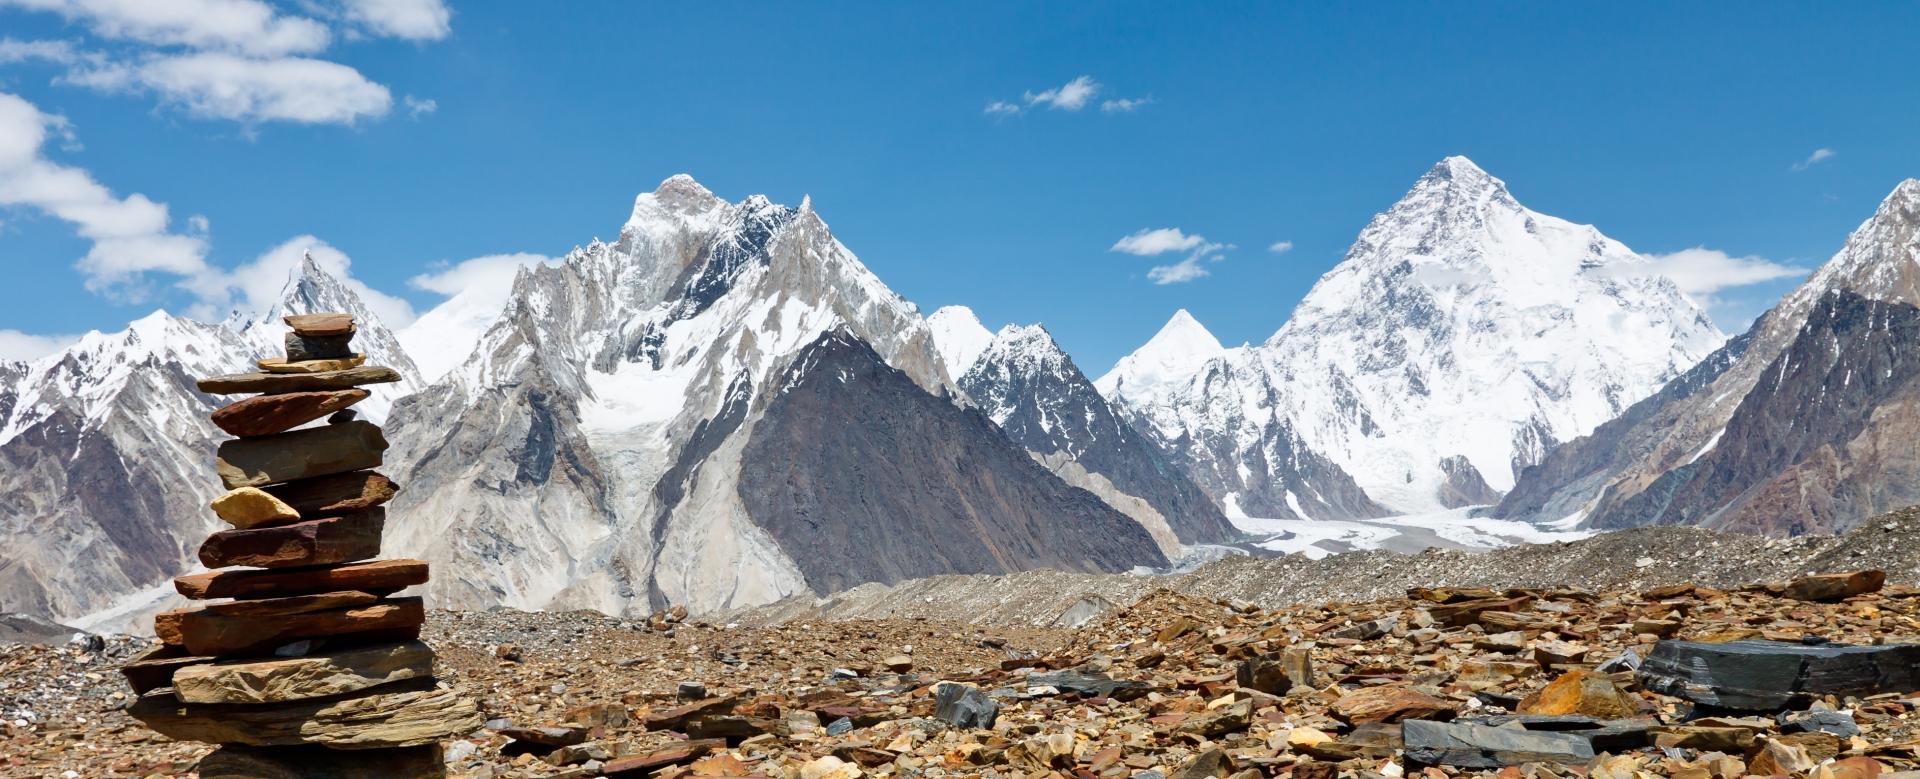 Voyage à pied : Camp de base du k2 (5135m) et gondogoro la (5585m)